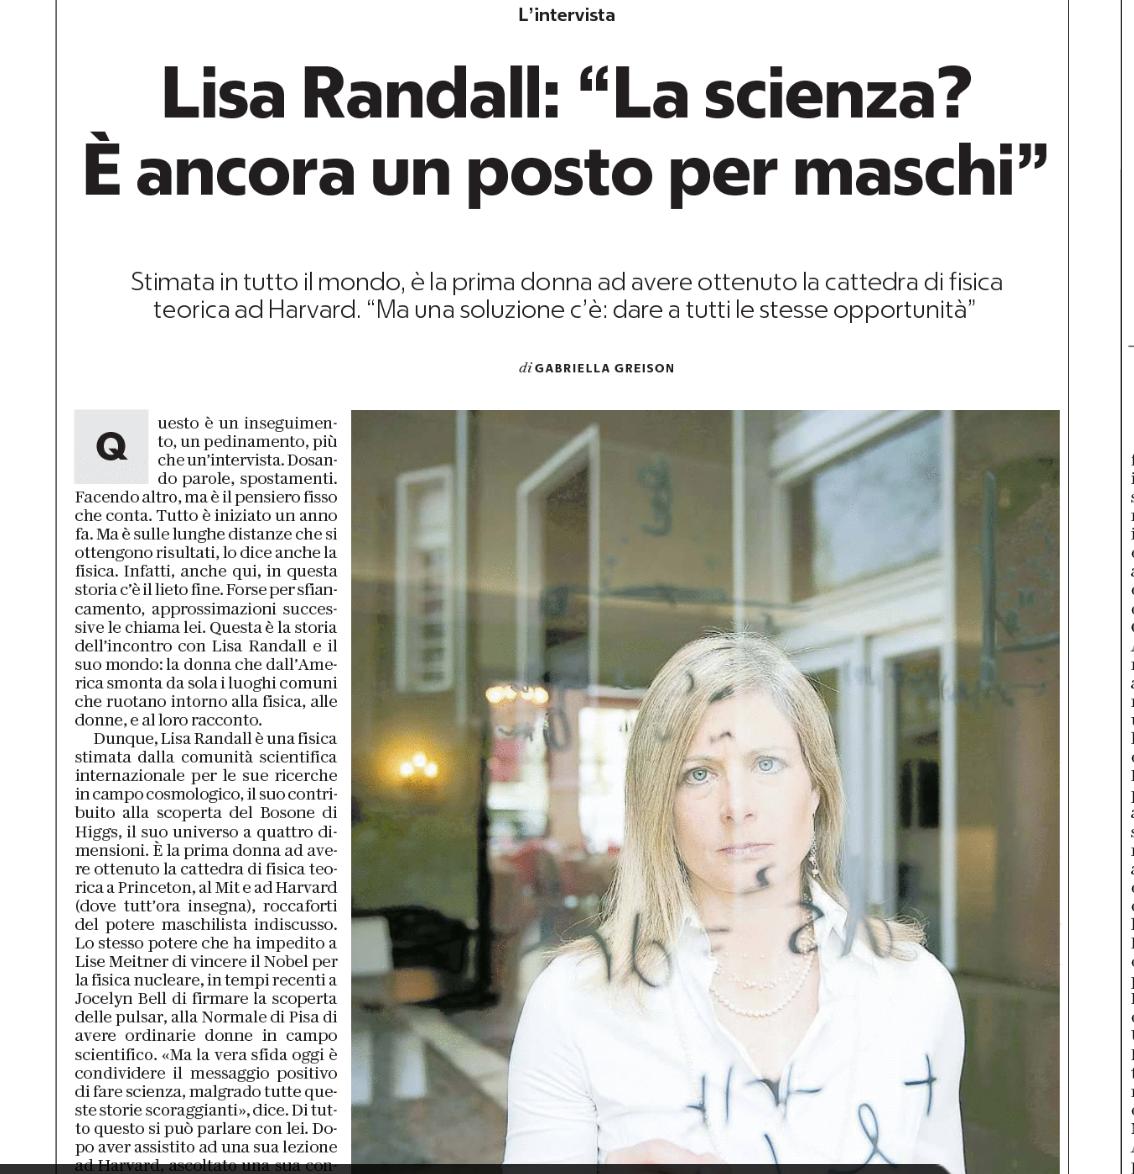 Su Repubblica in edicola racconto la fisica Lisa Randall, il suo mondo, e l'intervista che le ho fatto…